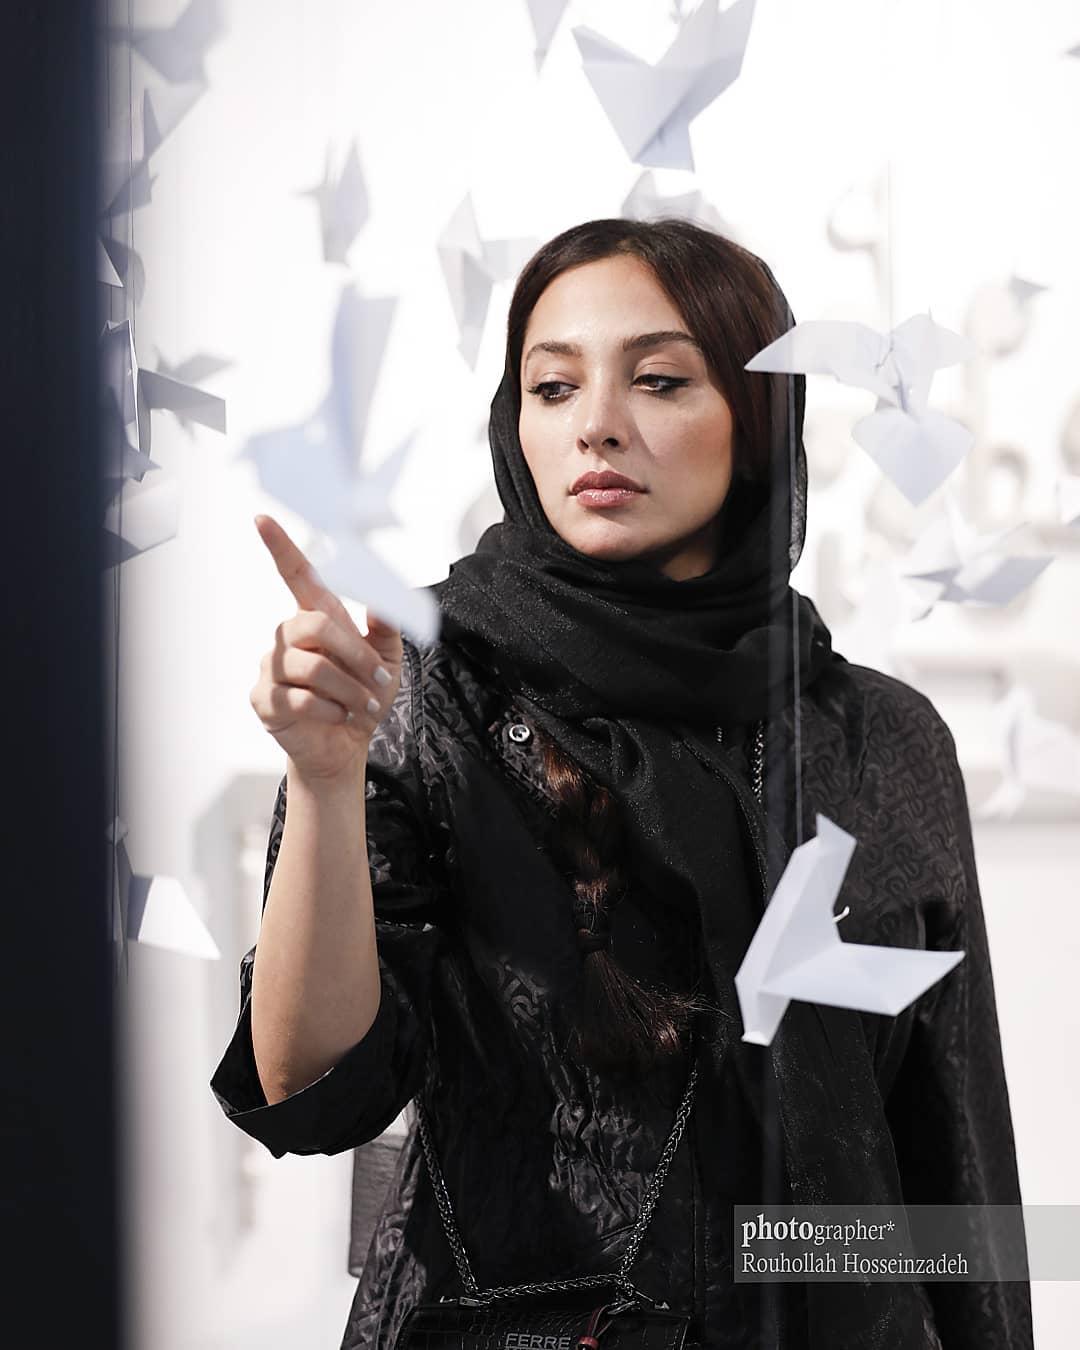 آناهیتا درگاهی در نمایشگاه هنرهای تجسمی